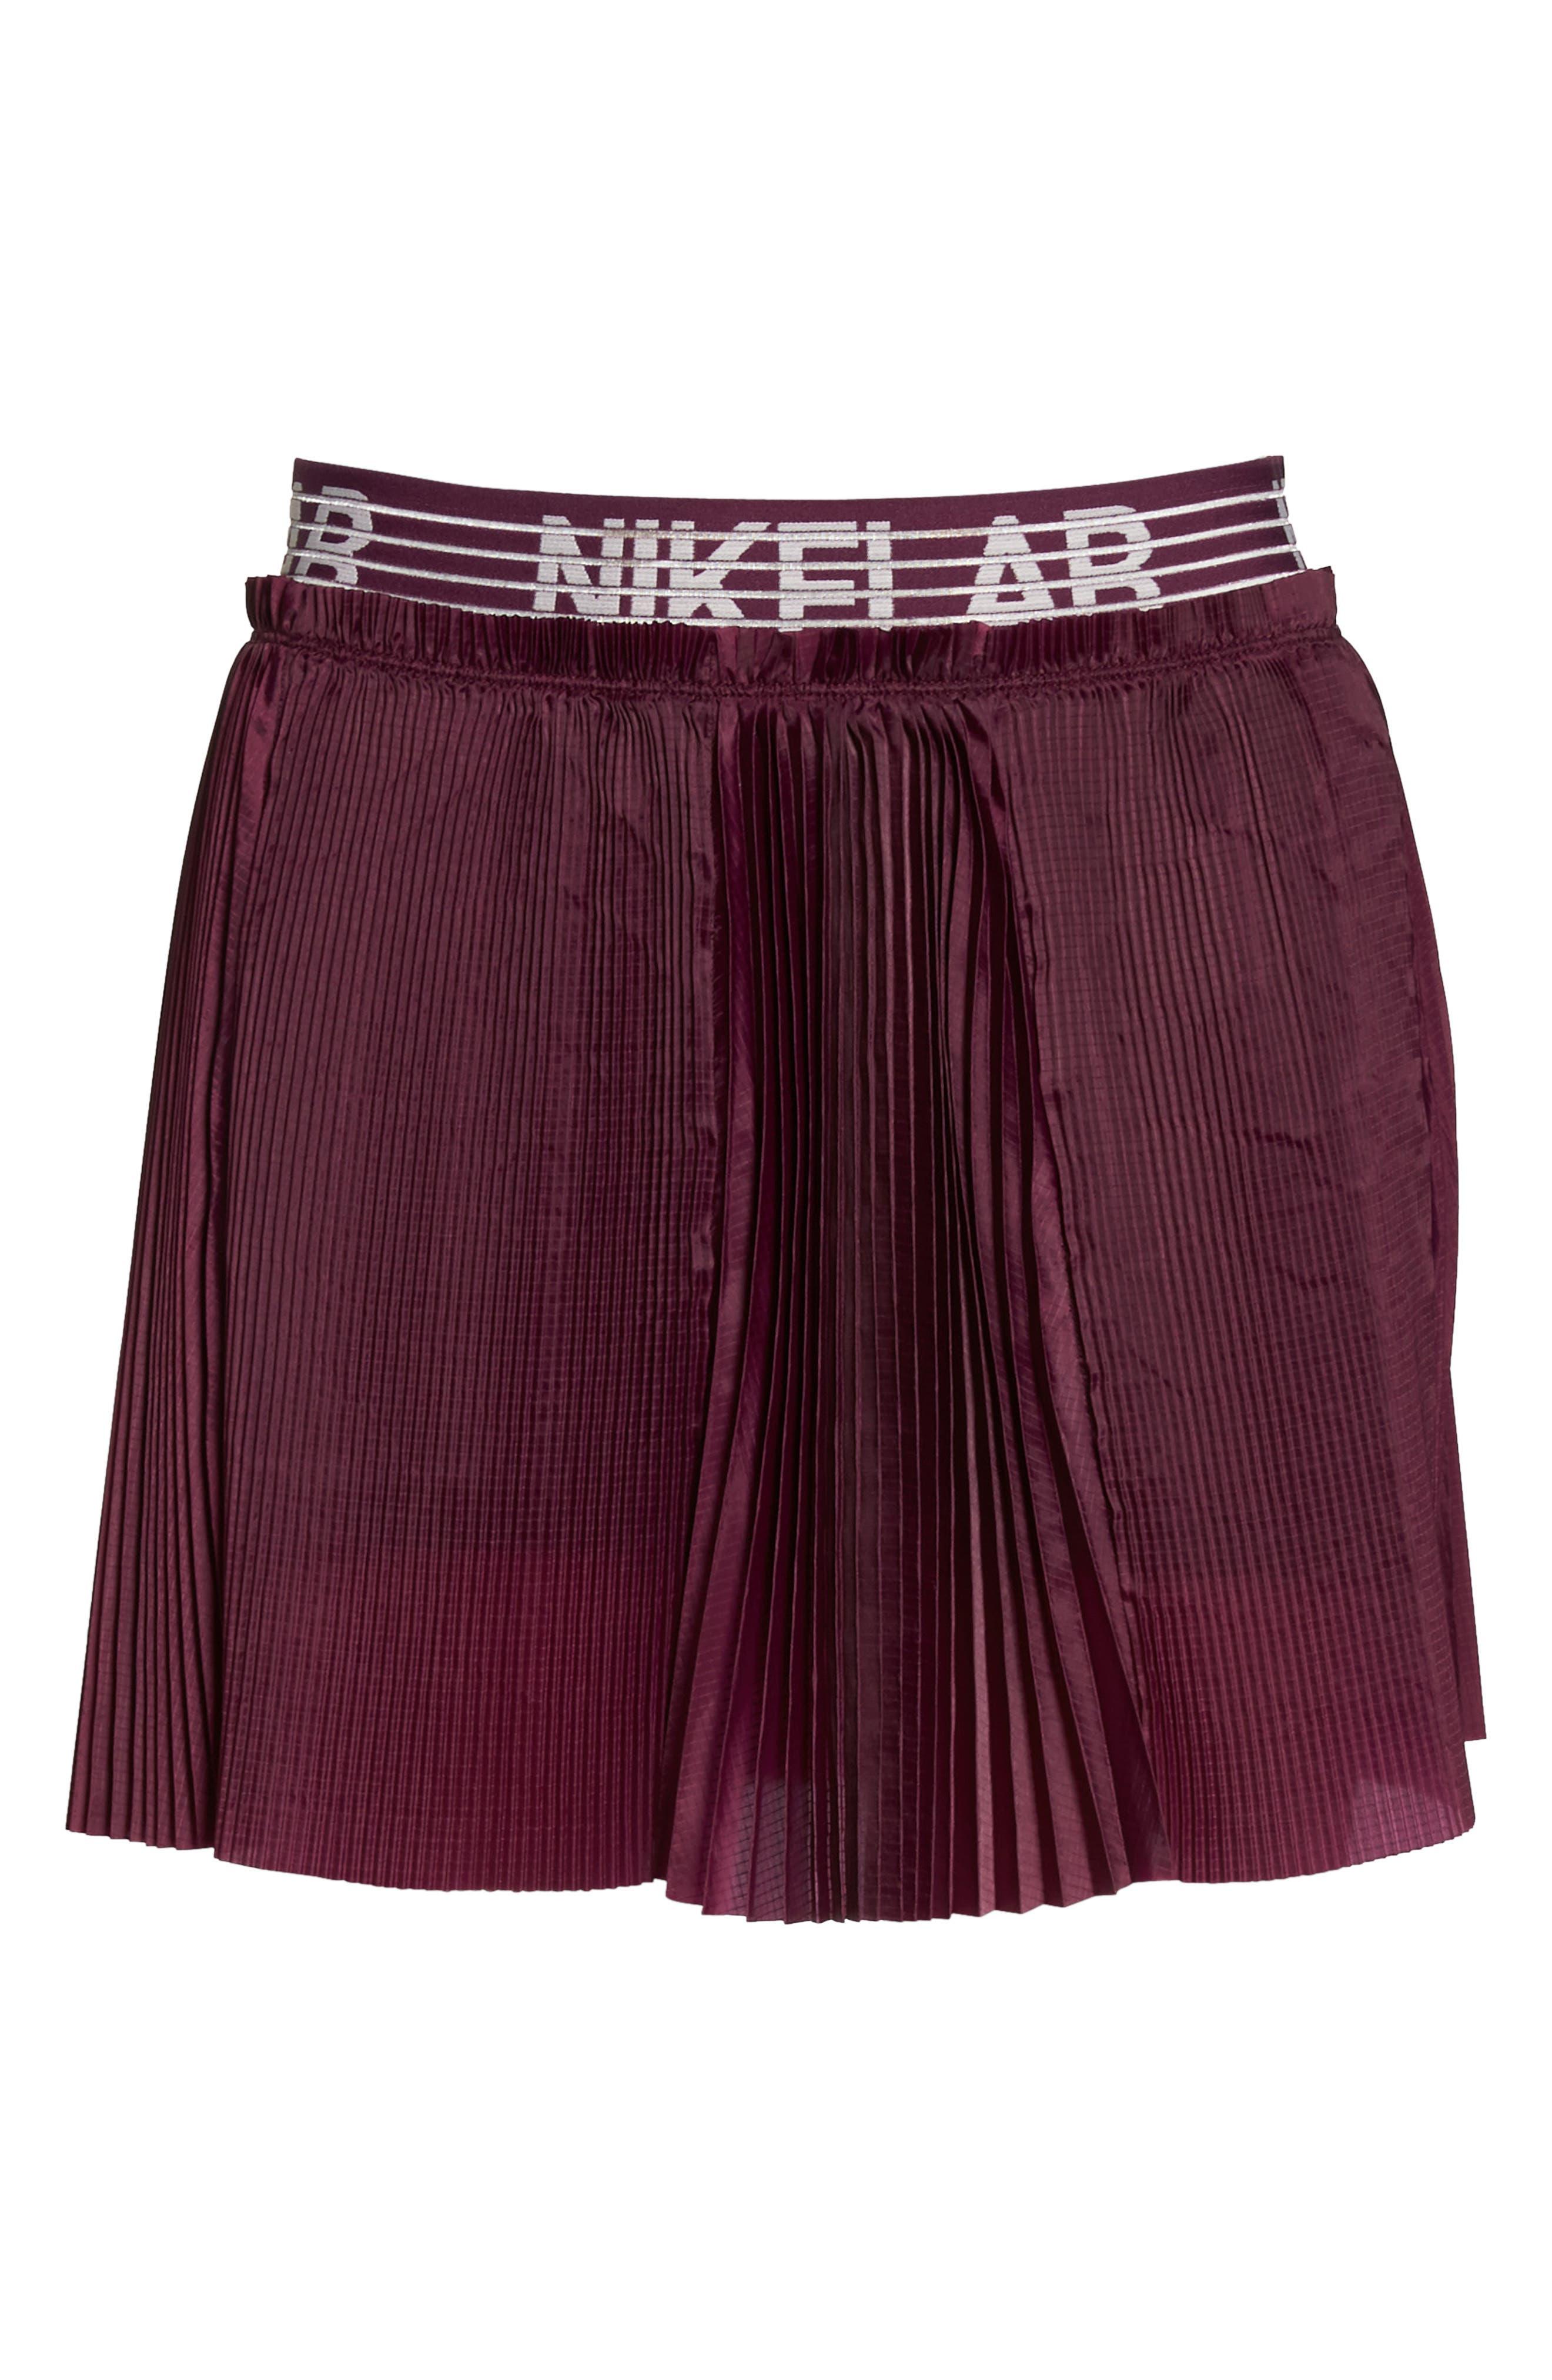 NikeLab Collection Dri-FIT Tennis Skirt,                             Alternate thumbnail 7, color,                             Bordeaux